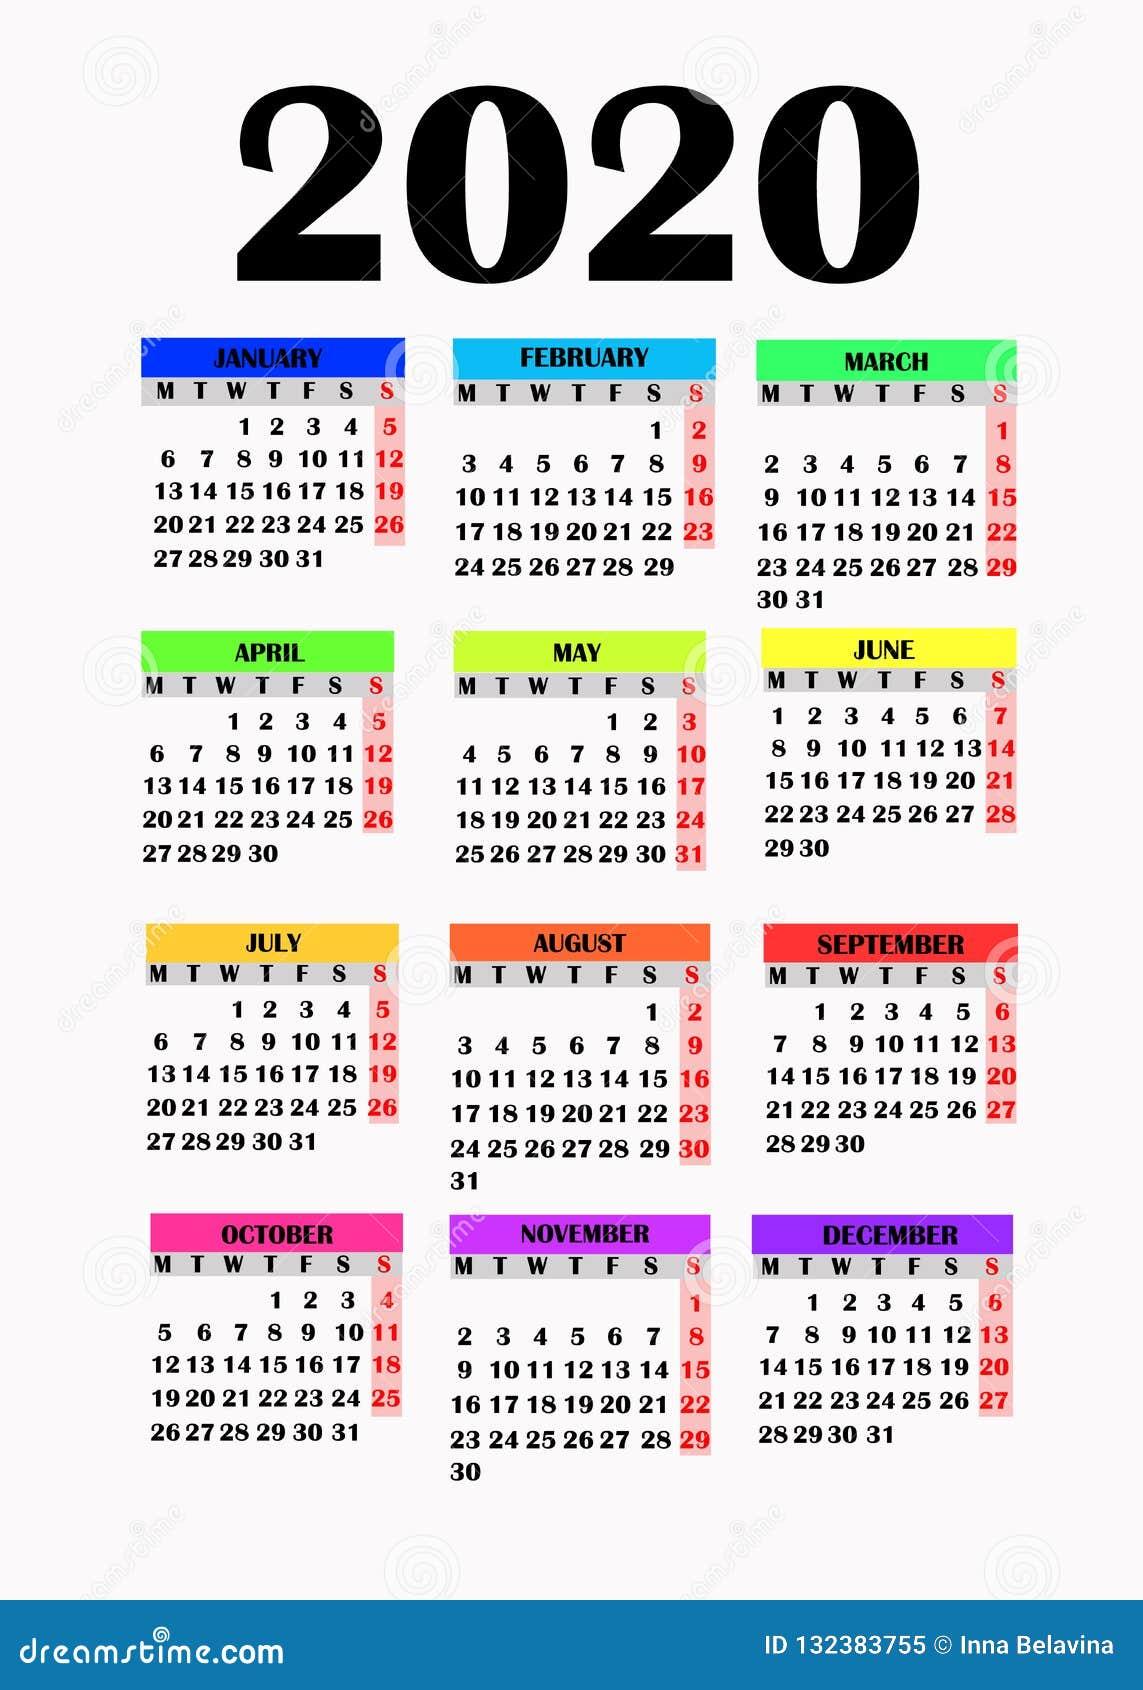 Settimane Calendario 2020.Progettazione Semplice Per Il Calendario 2020 Illustrazione